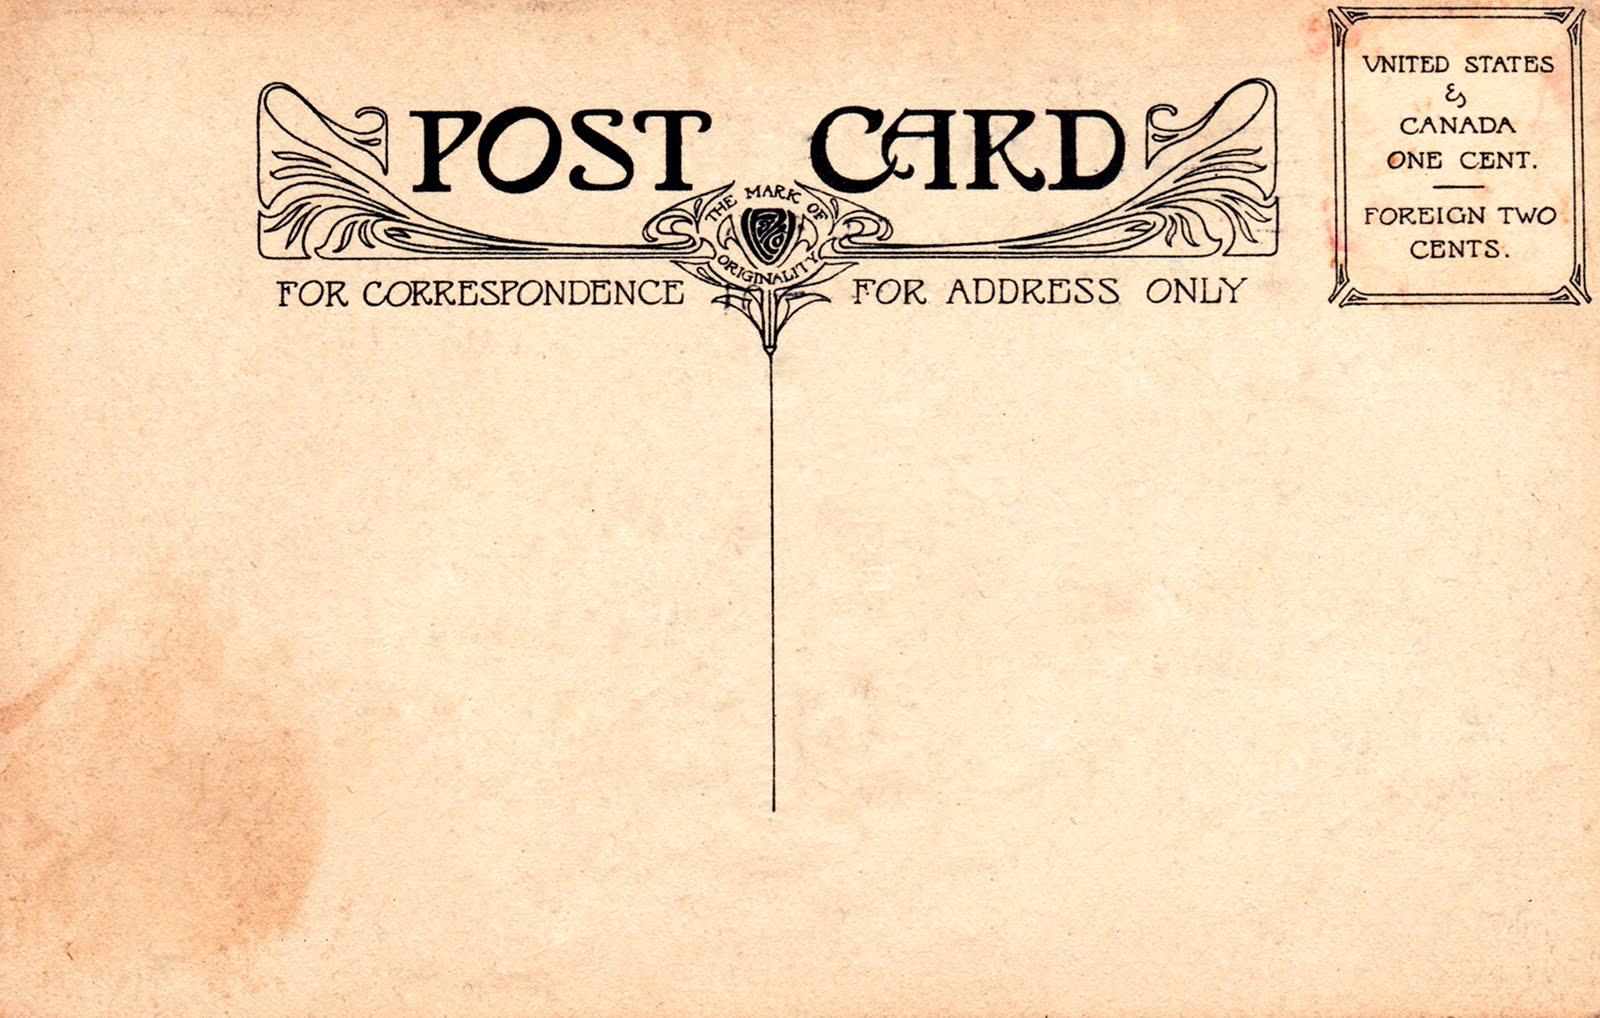 13 Vintage Postcard Font Images